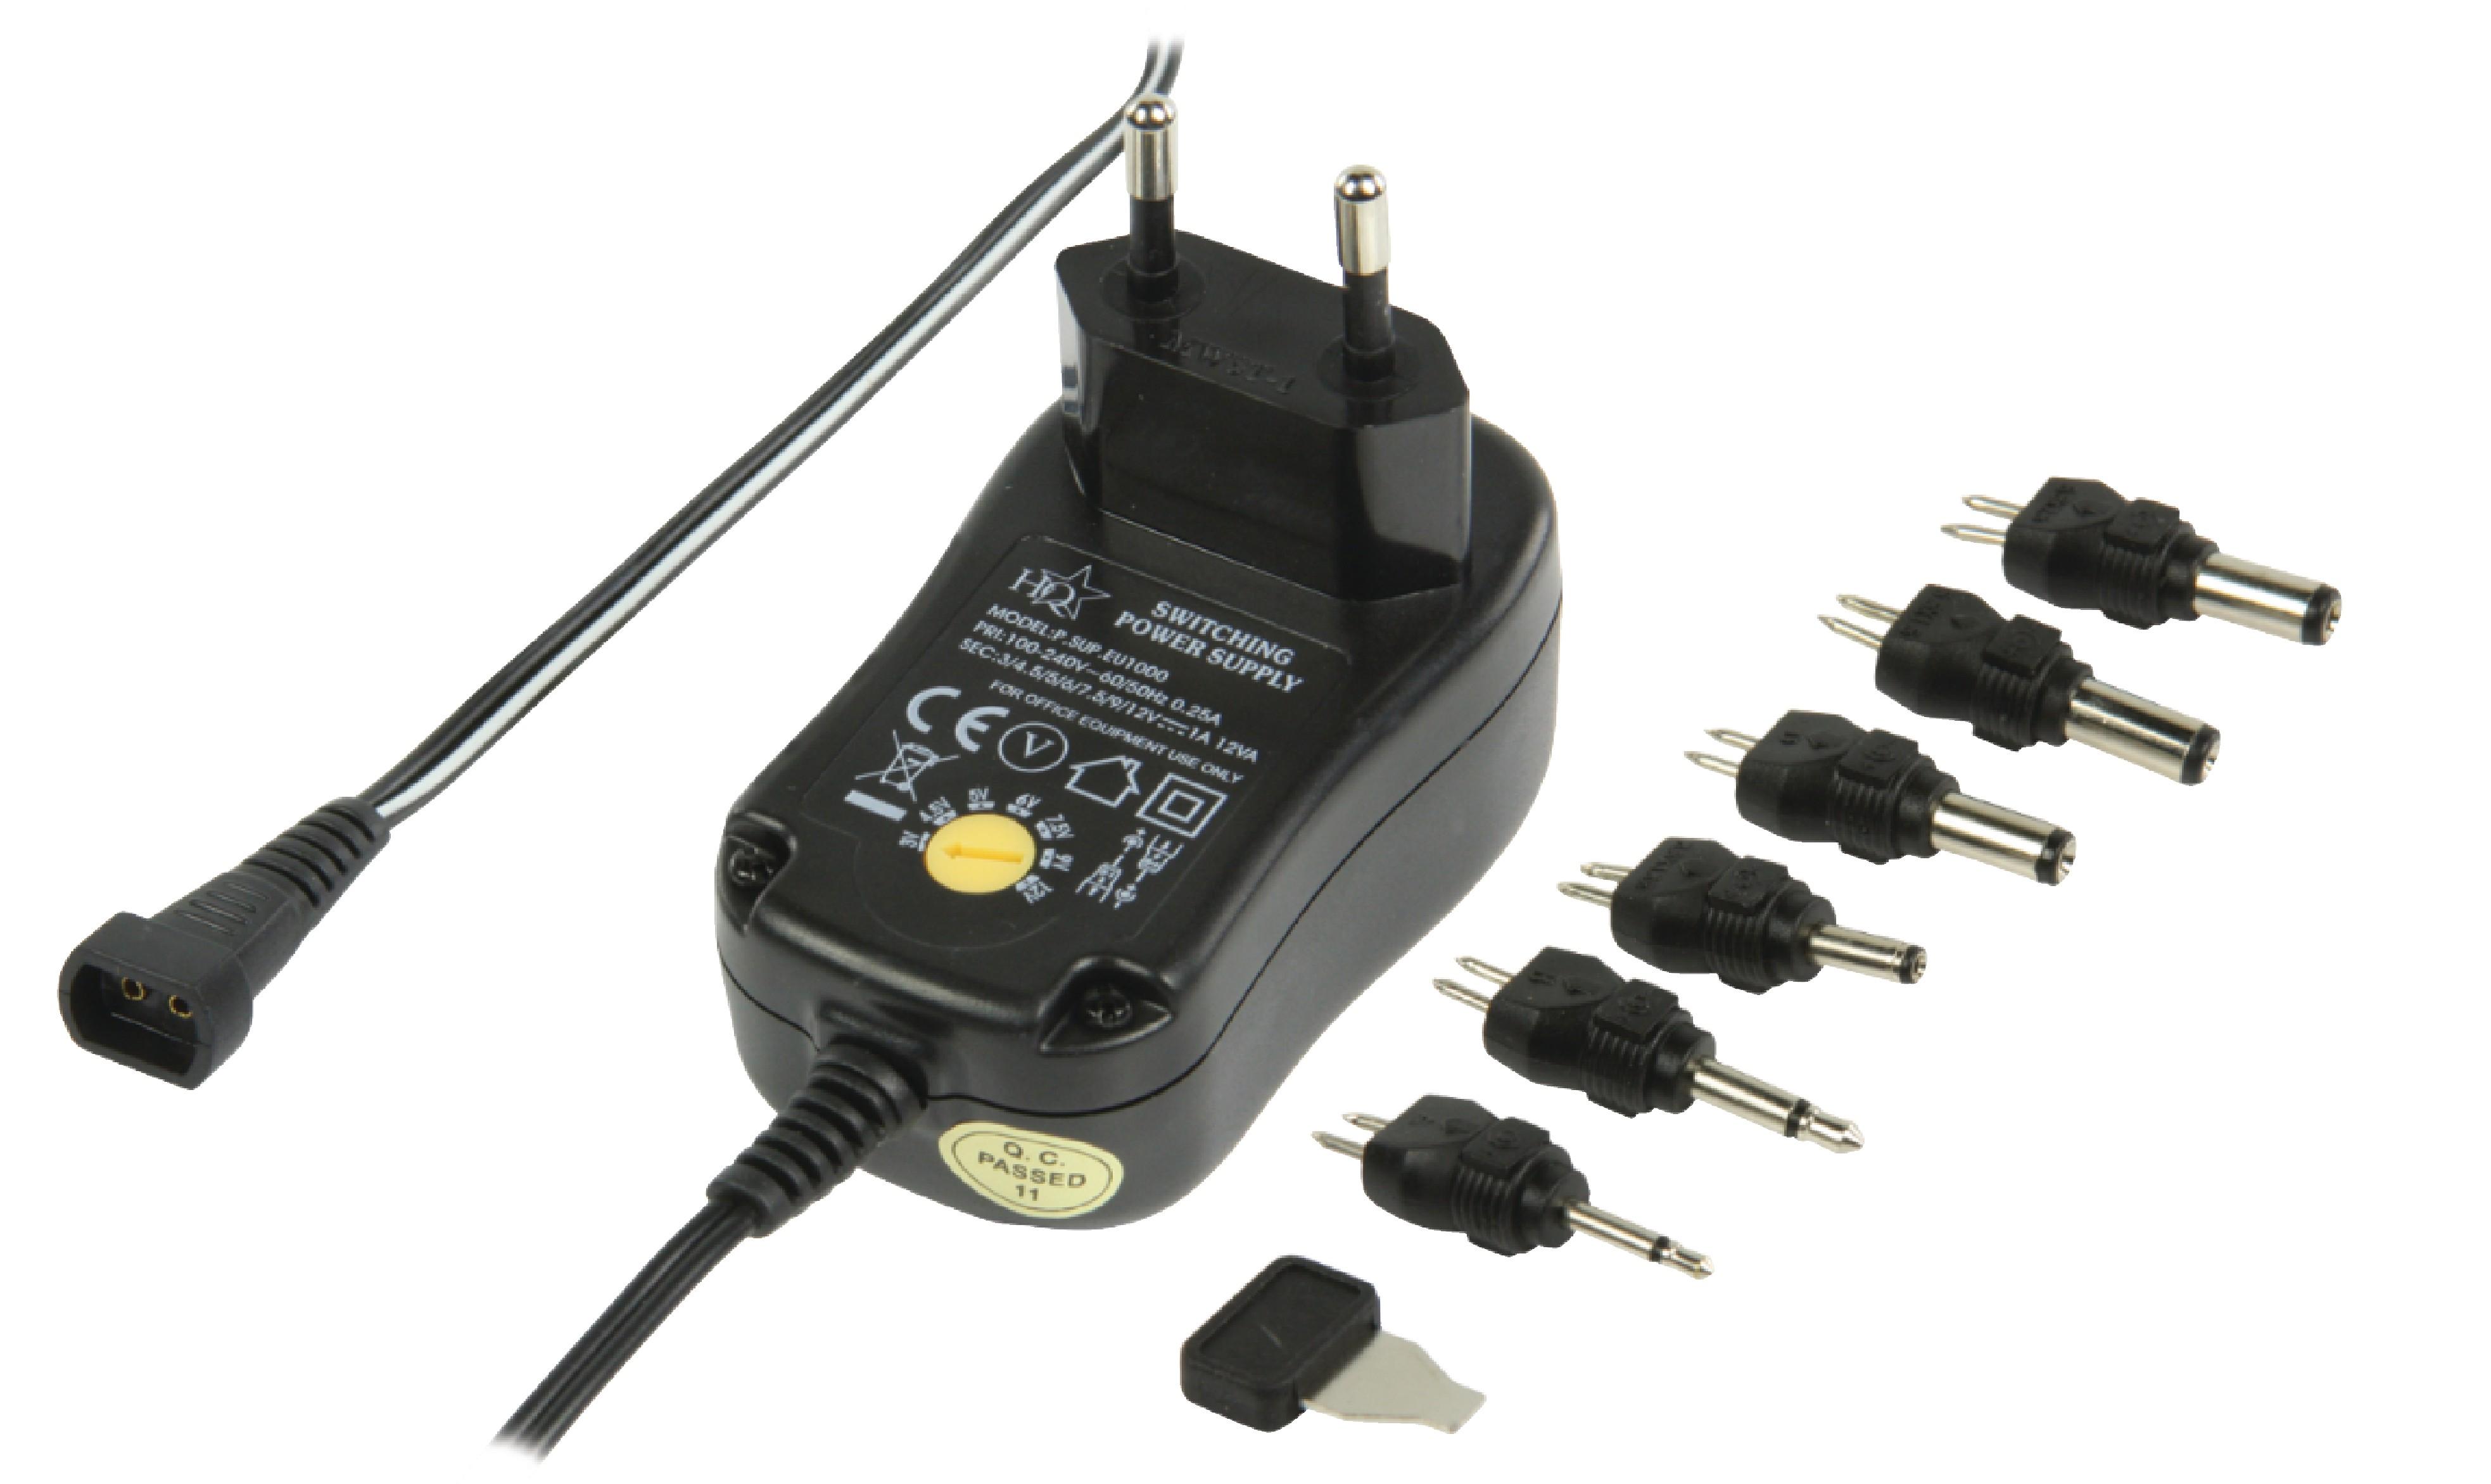 Univerzální napájecí adaptér 3-12V, 1A HQ P.SUP.EU1000